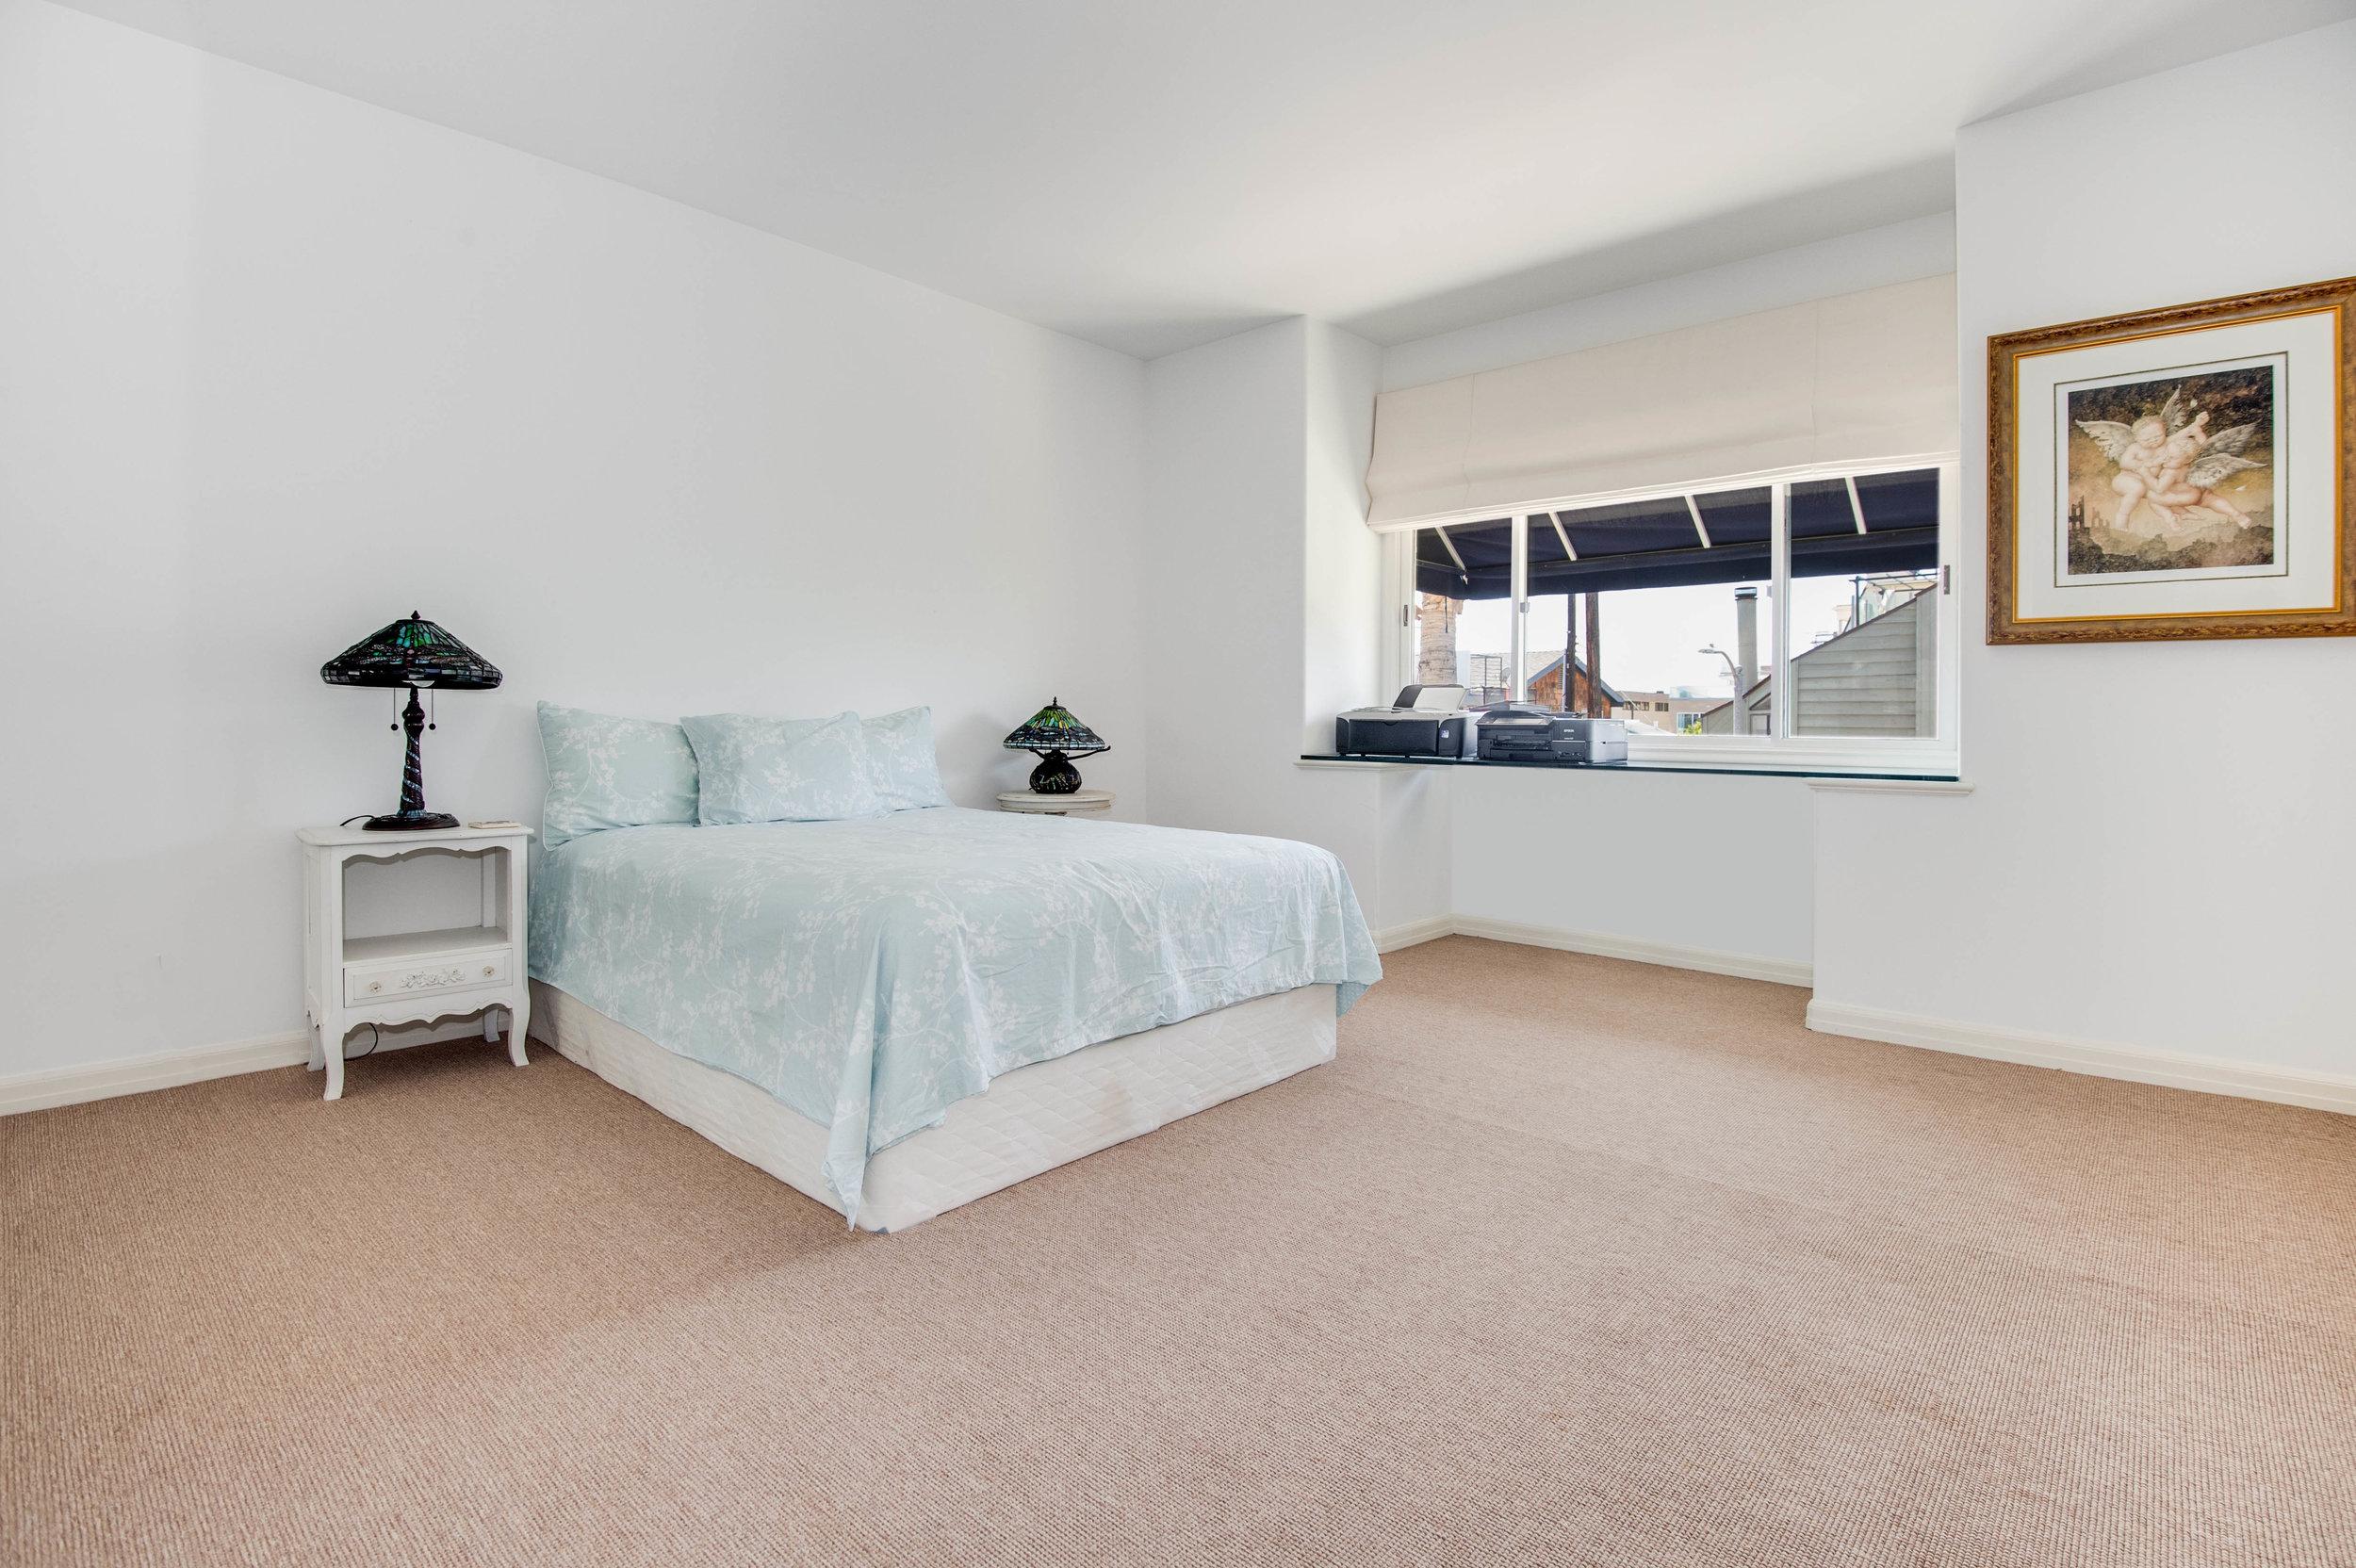 016 Bedroom Malibu For Sale Lease The Malibu Life Team Luxury Real Estate.jpg